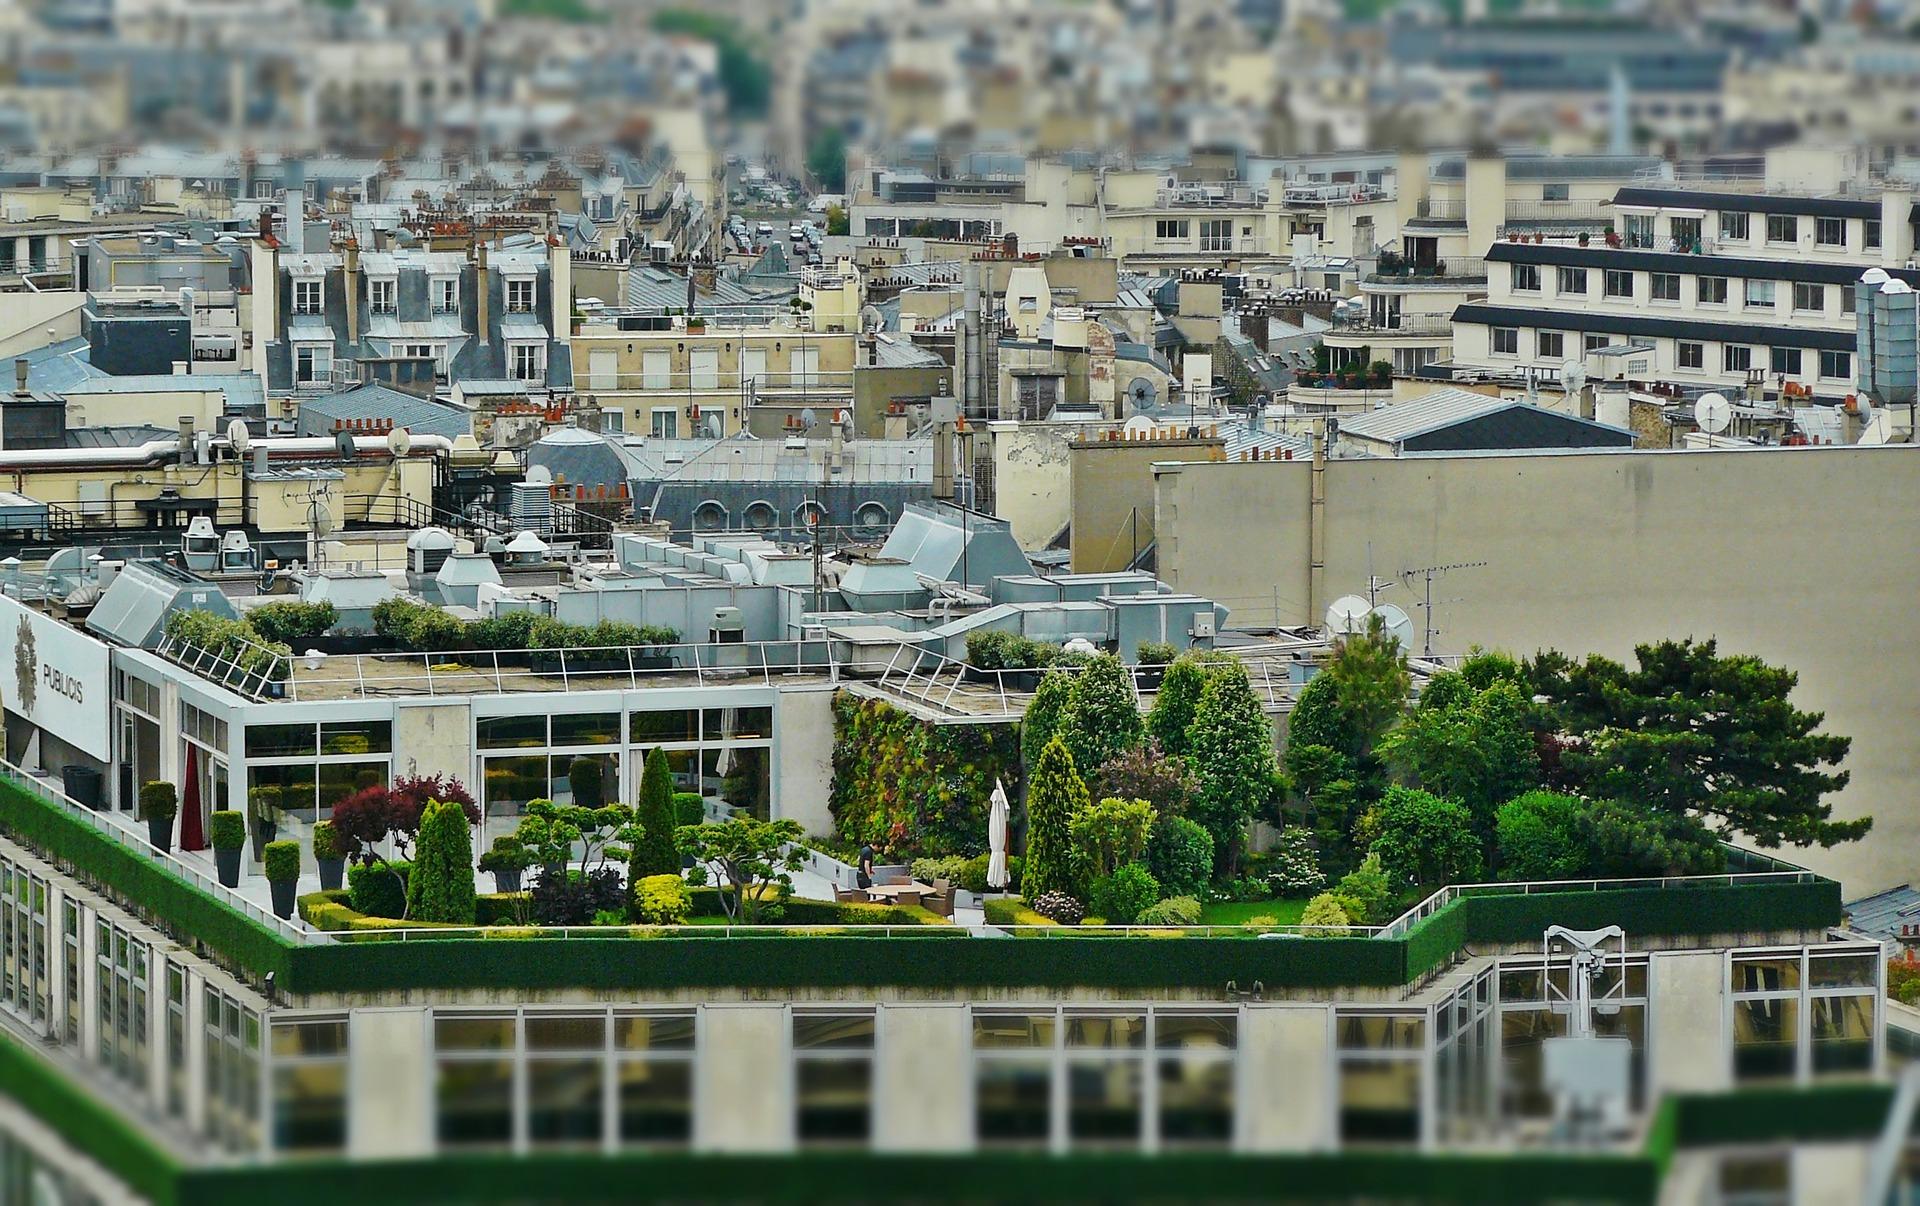 V boji proti horku ve městech  pomáhají zelené střechy a fasády